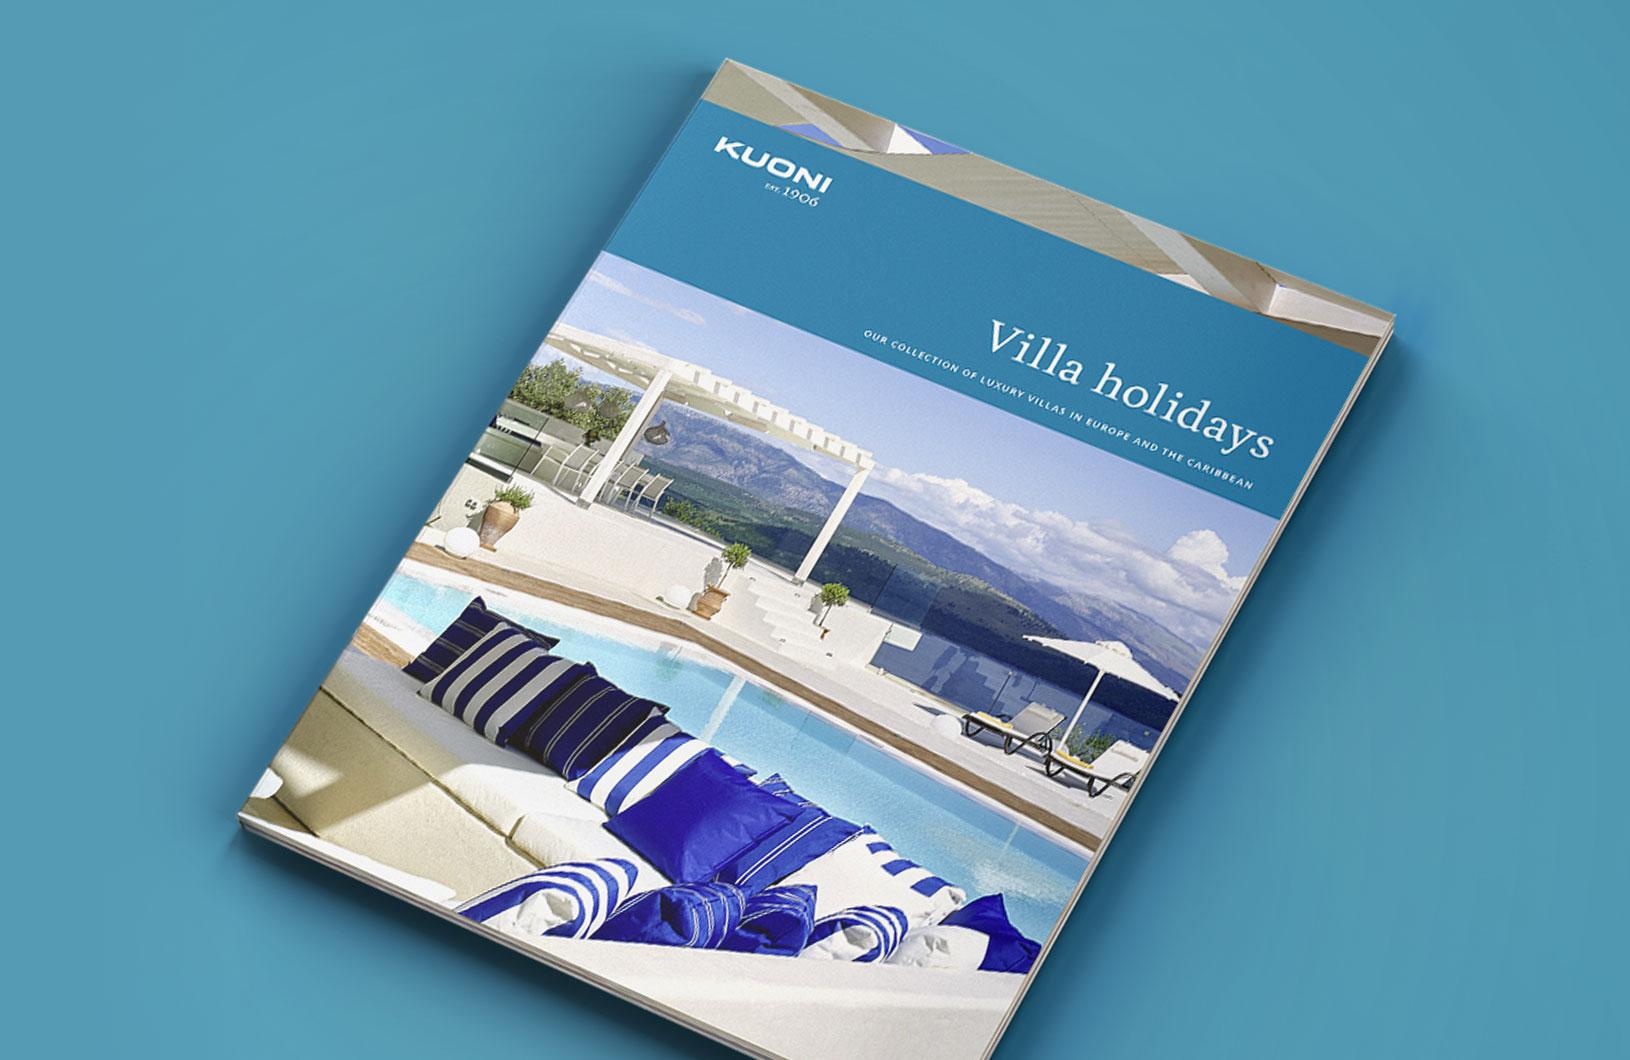 Kuoni Villa Holidays